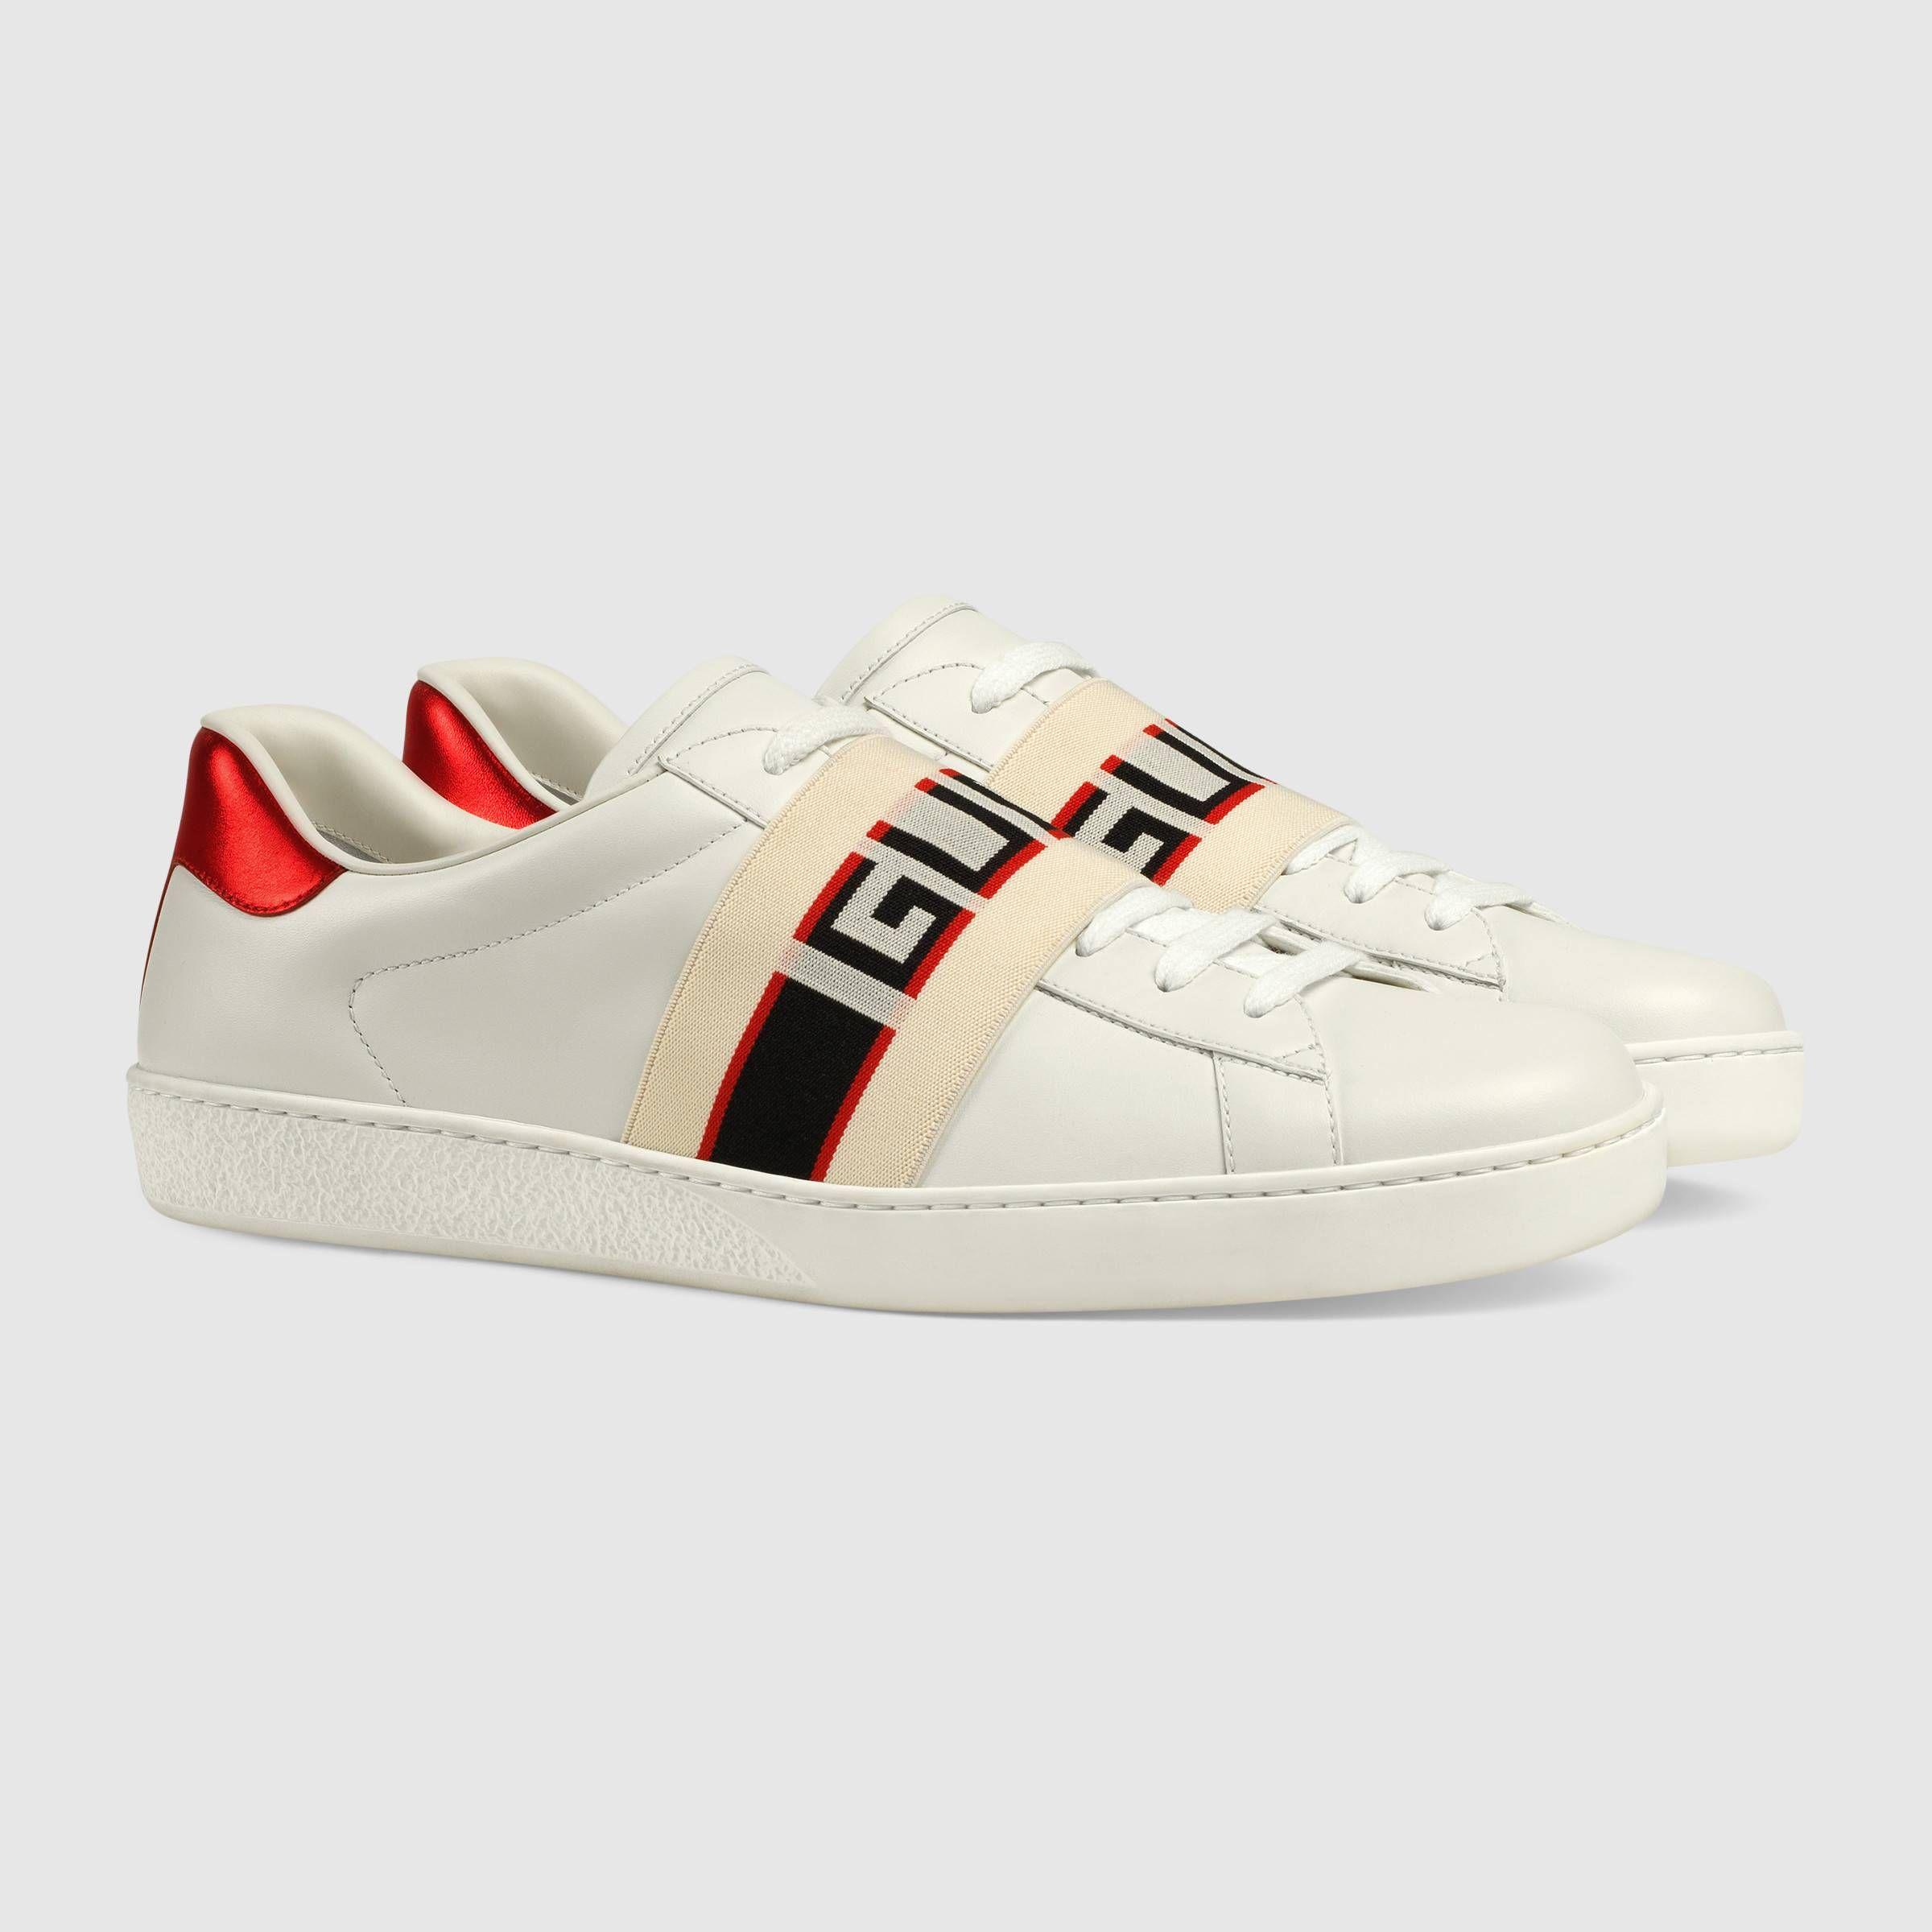 Gucci stripe leather sneaker in White